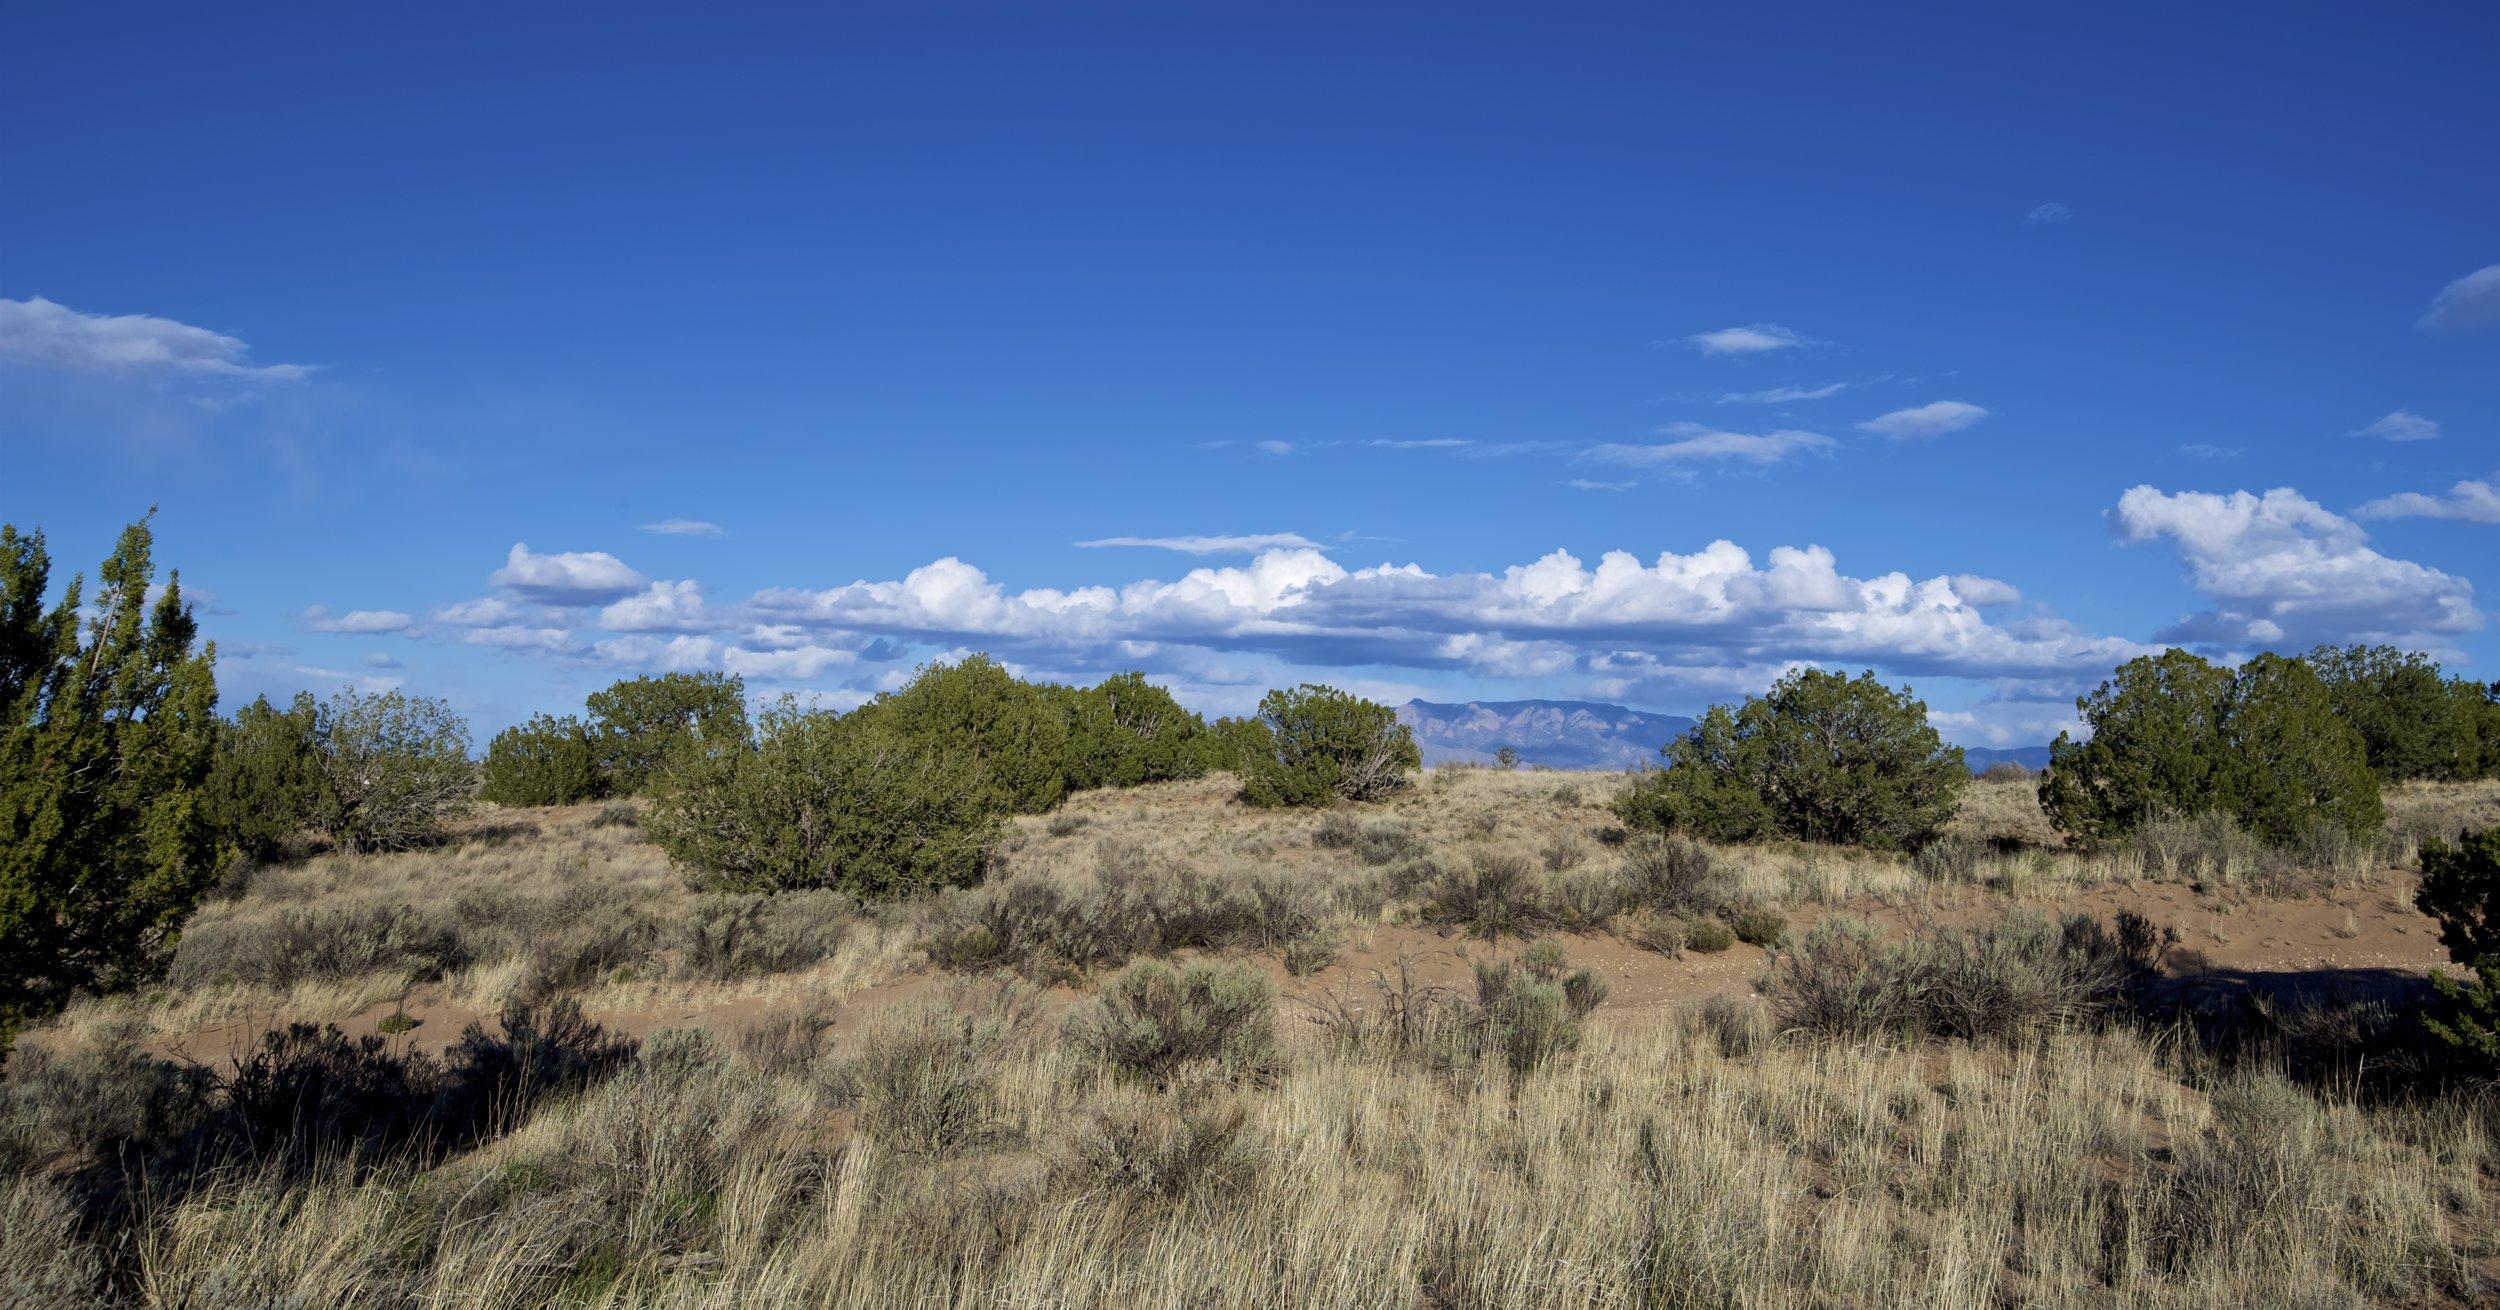 SNNM-2231-rio-rancho-125686.jpg